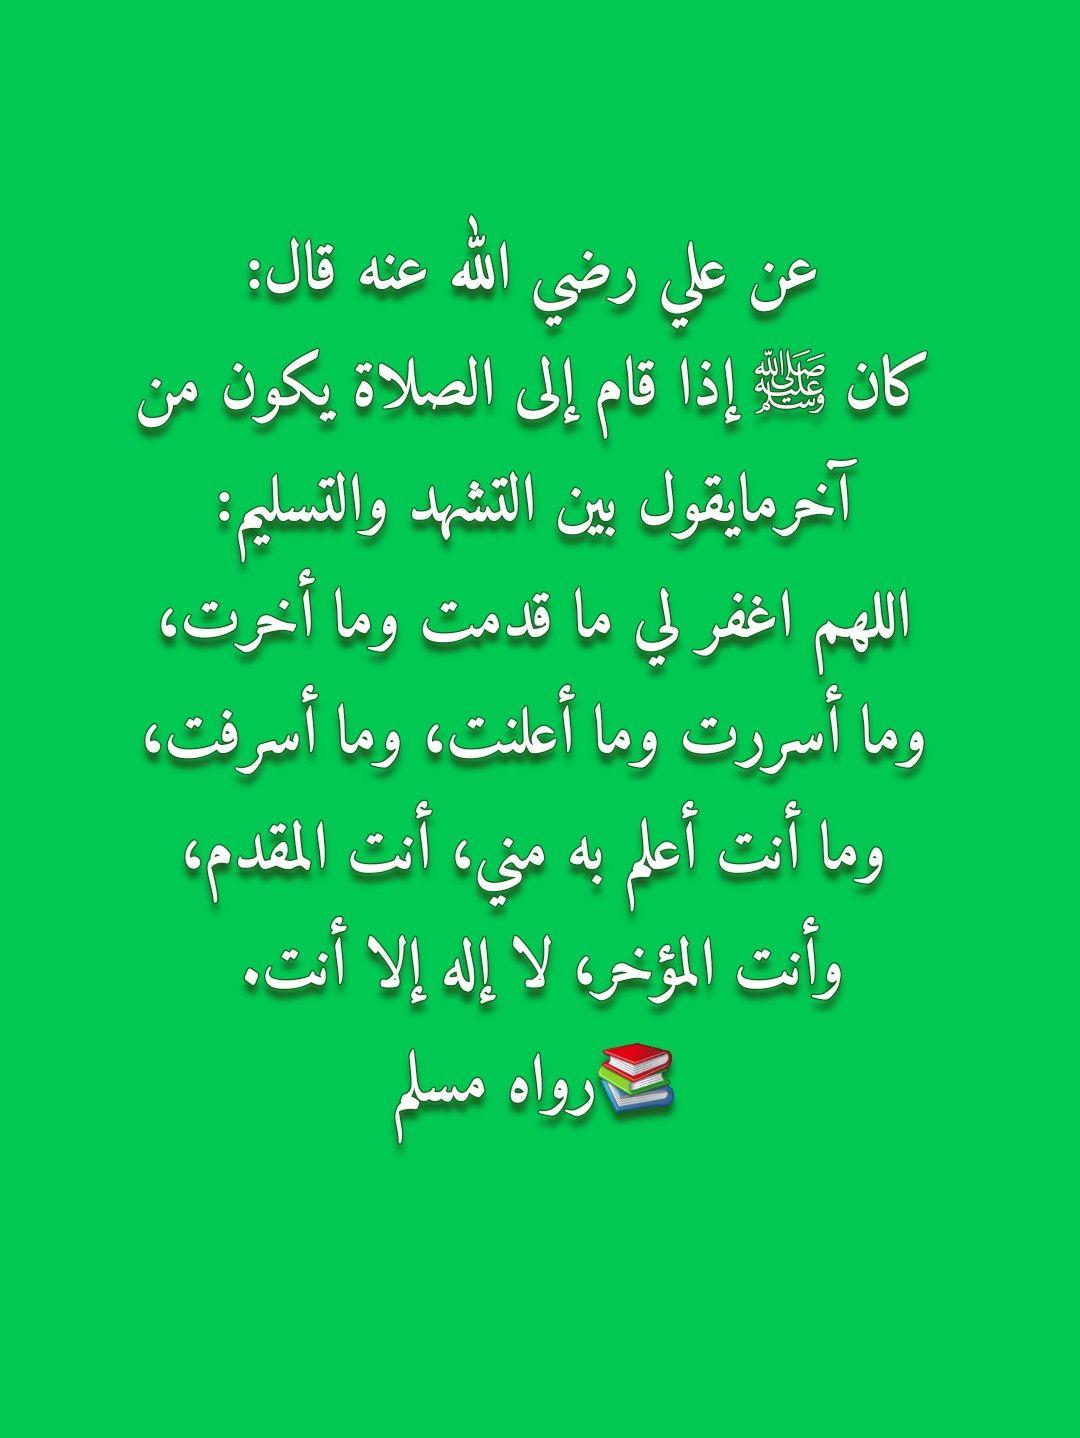 بماذا كان الرسول صلى الله عليه وسلم يختم التشهد الاخير قبيل التسليم Arabic Calligraphy Calligraphy